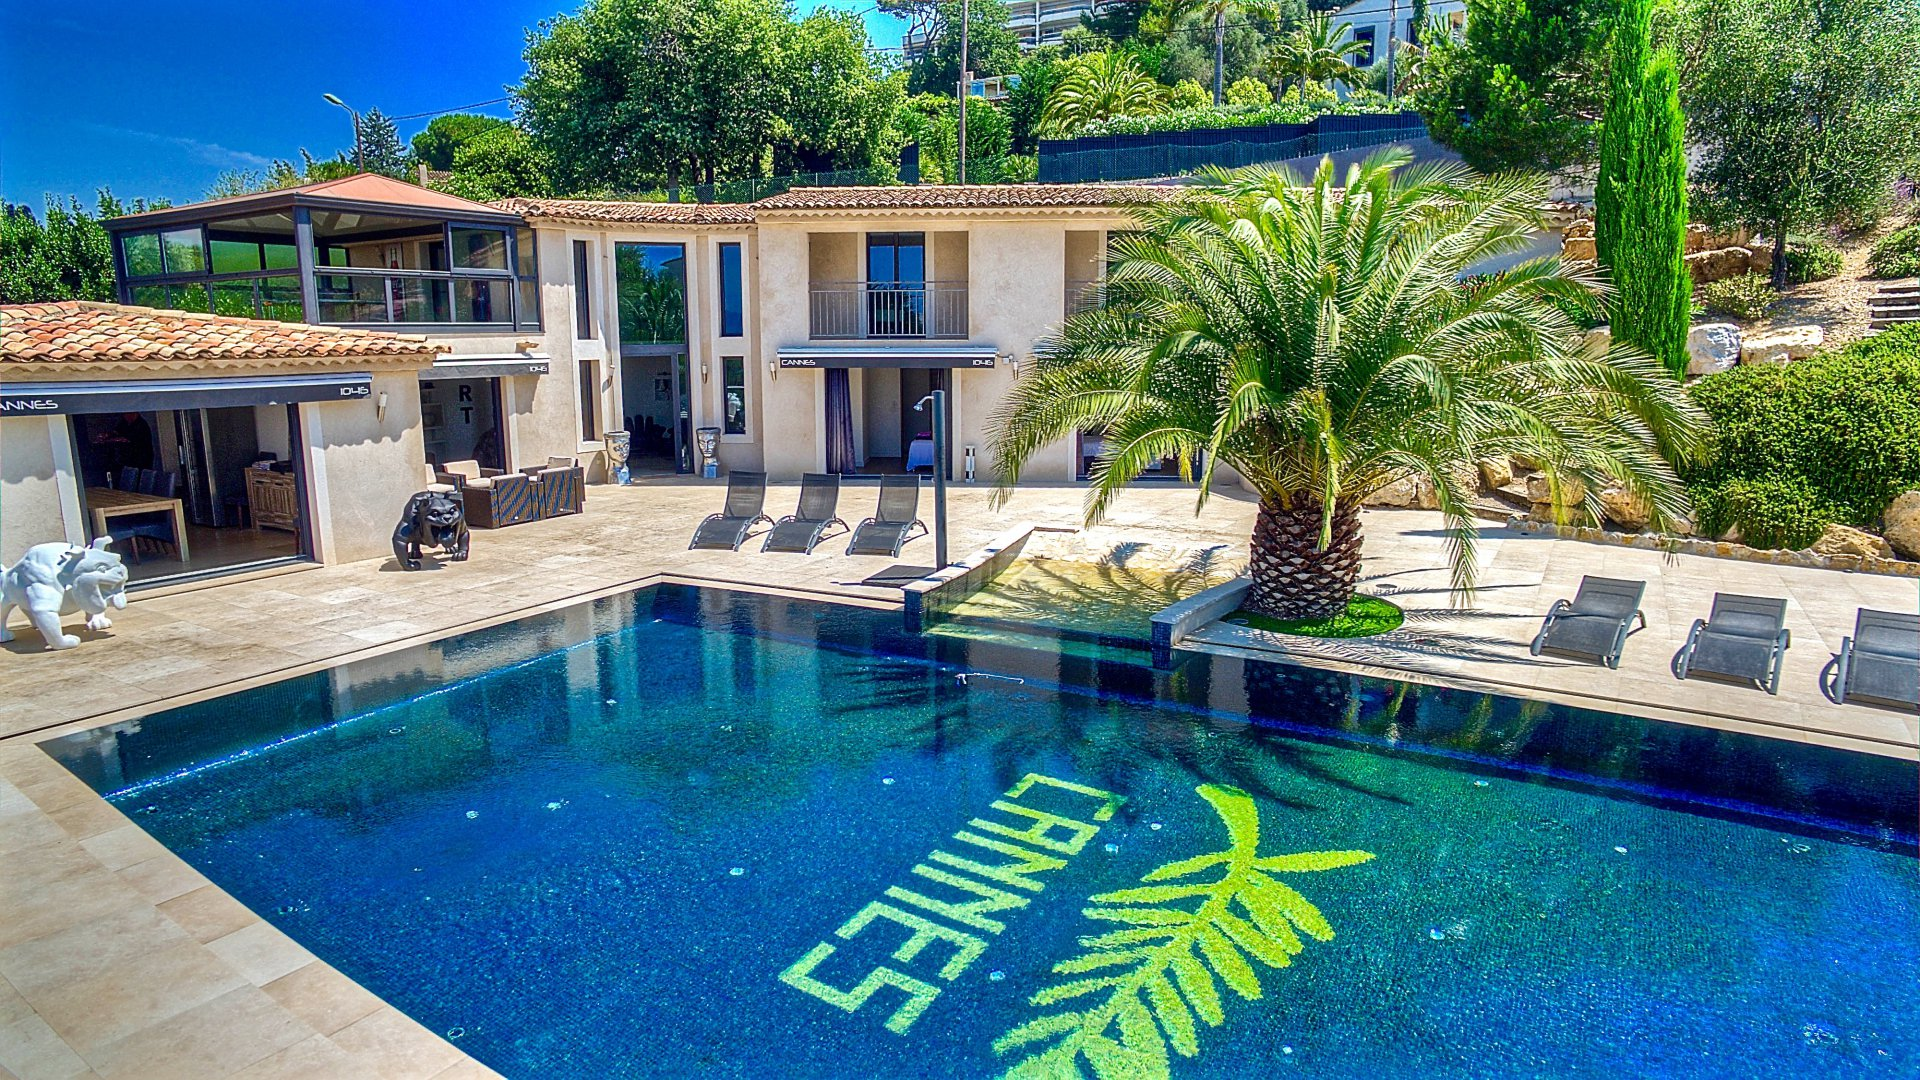 Cote d 39 azur location villa luxe cannes avec piscine vue mer panoramique for Location luxe